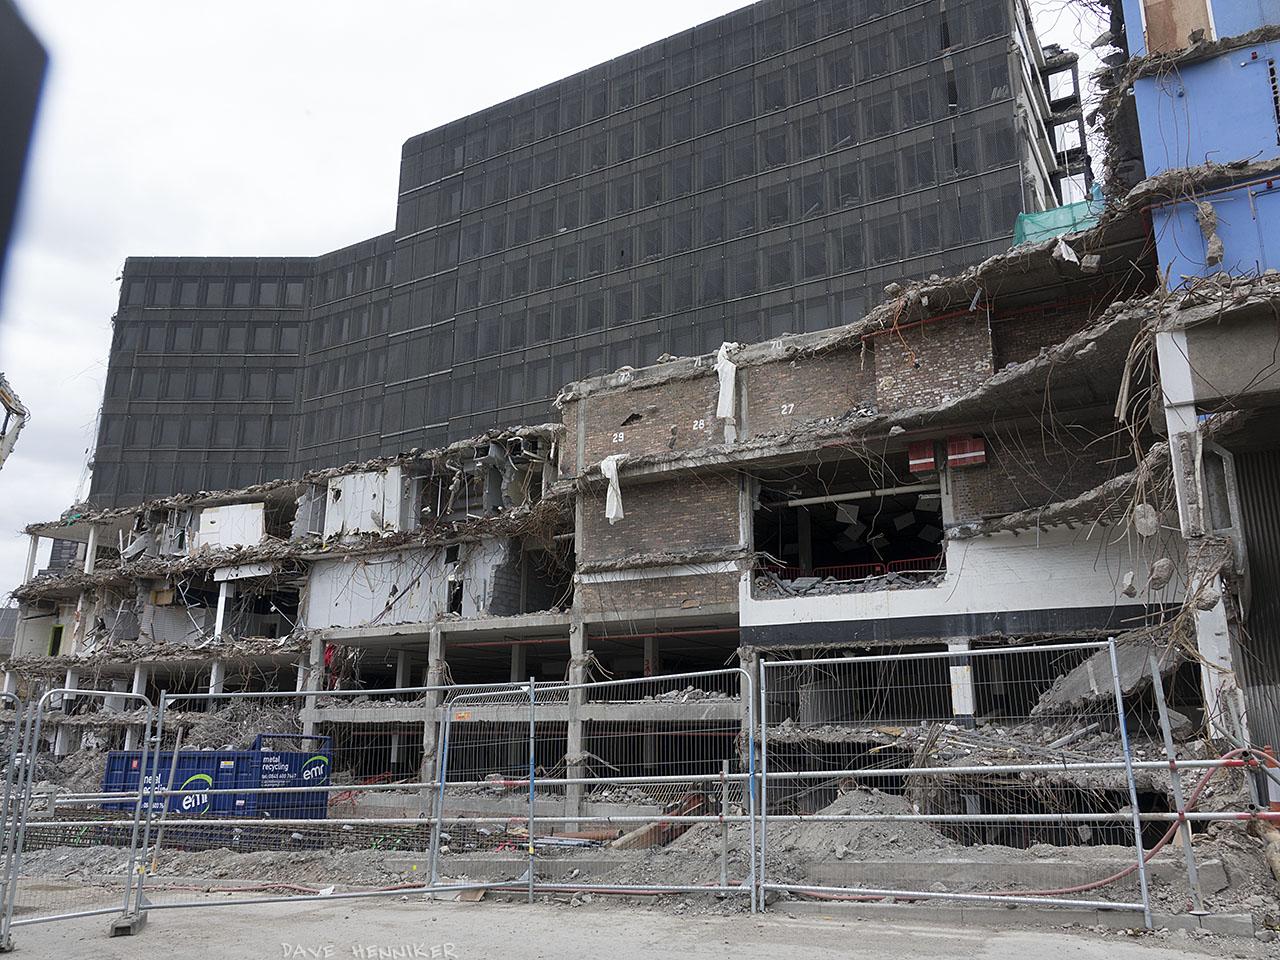 April 2017: Demolition continues at St James Centre